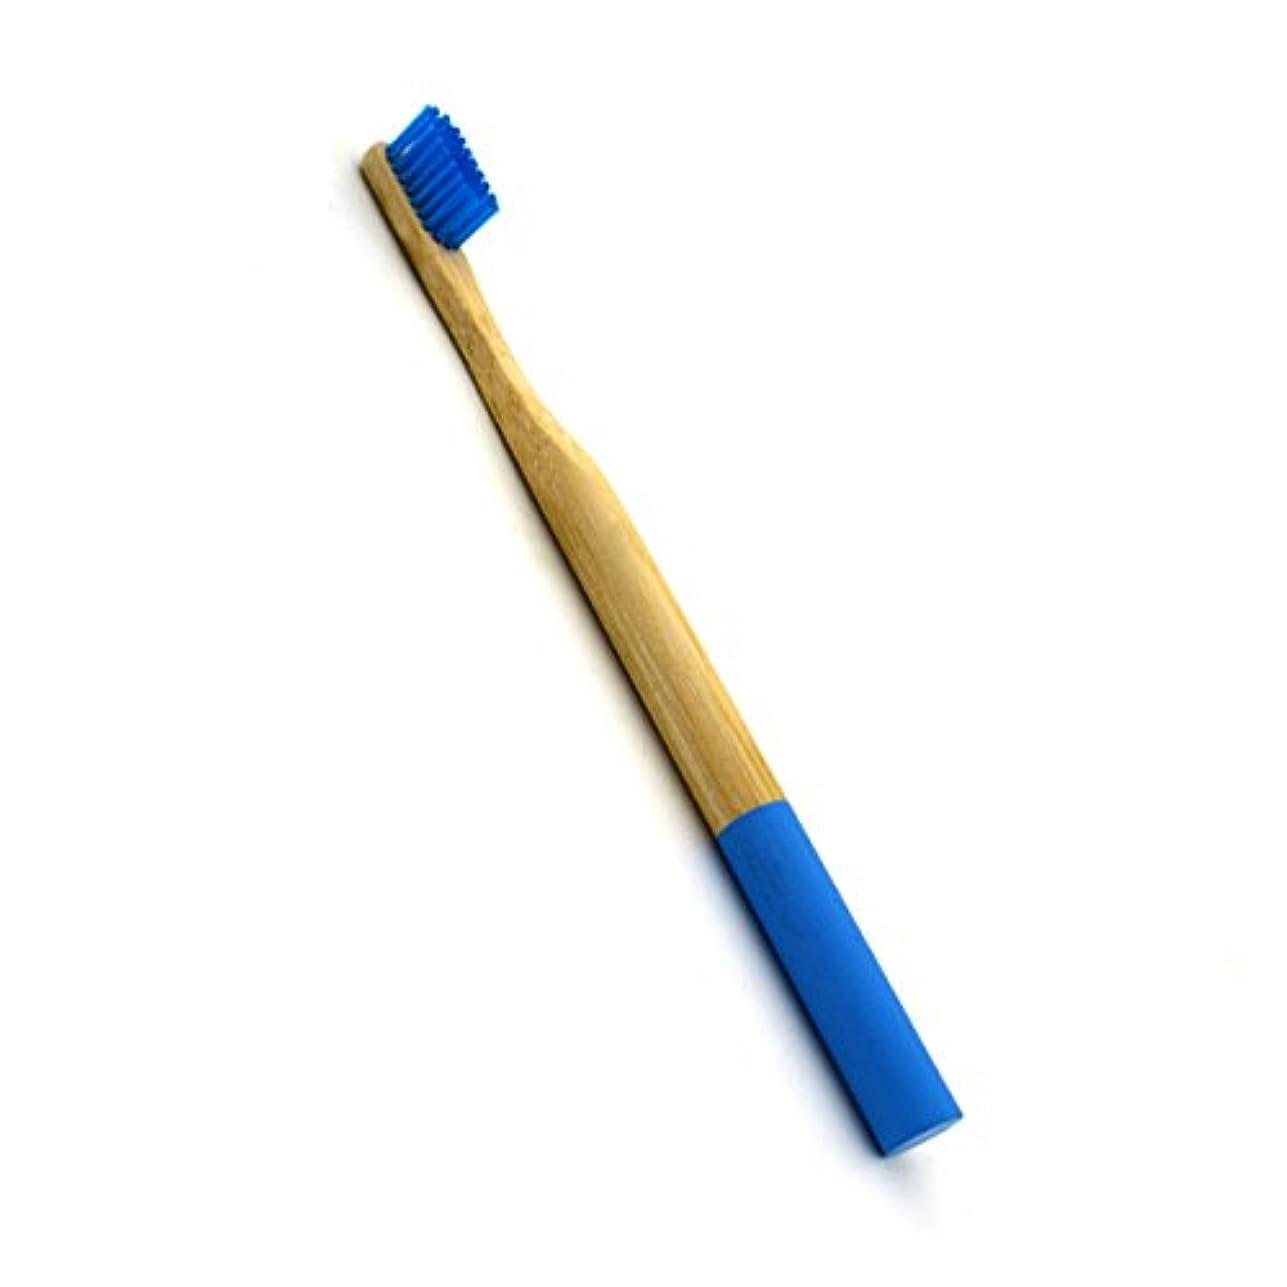 達成バンジージャンプ証拠ROSENICE 竹歯ブラシラウンドハンドル自然な竹成人環境にやさしいソフトブリストル旅行歯ブラシ